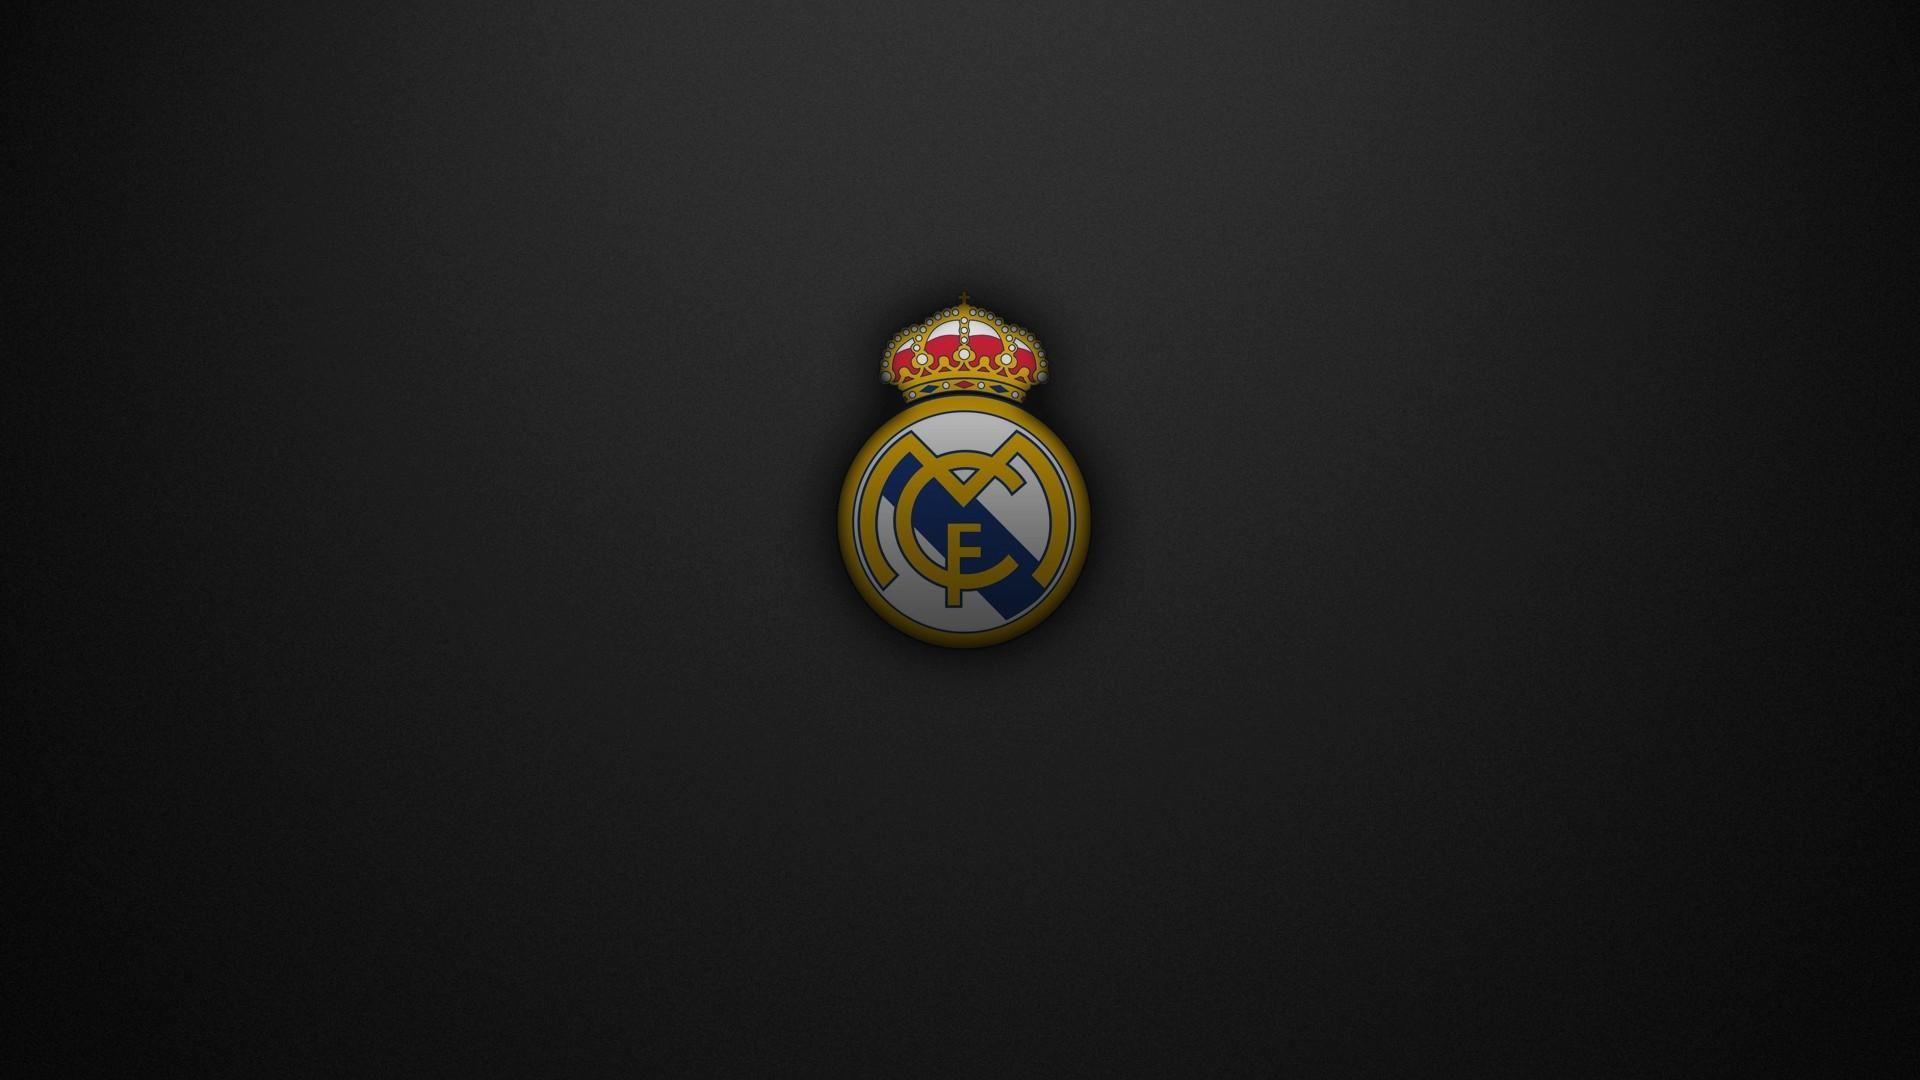 Real Madrid Club De Futbol Logo 2020 Live Wallpaper Hd Madrid Wallpaper Real Madrid Wallpapers Real Madrid Logo